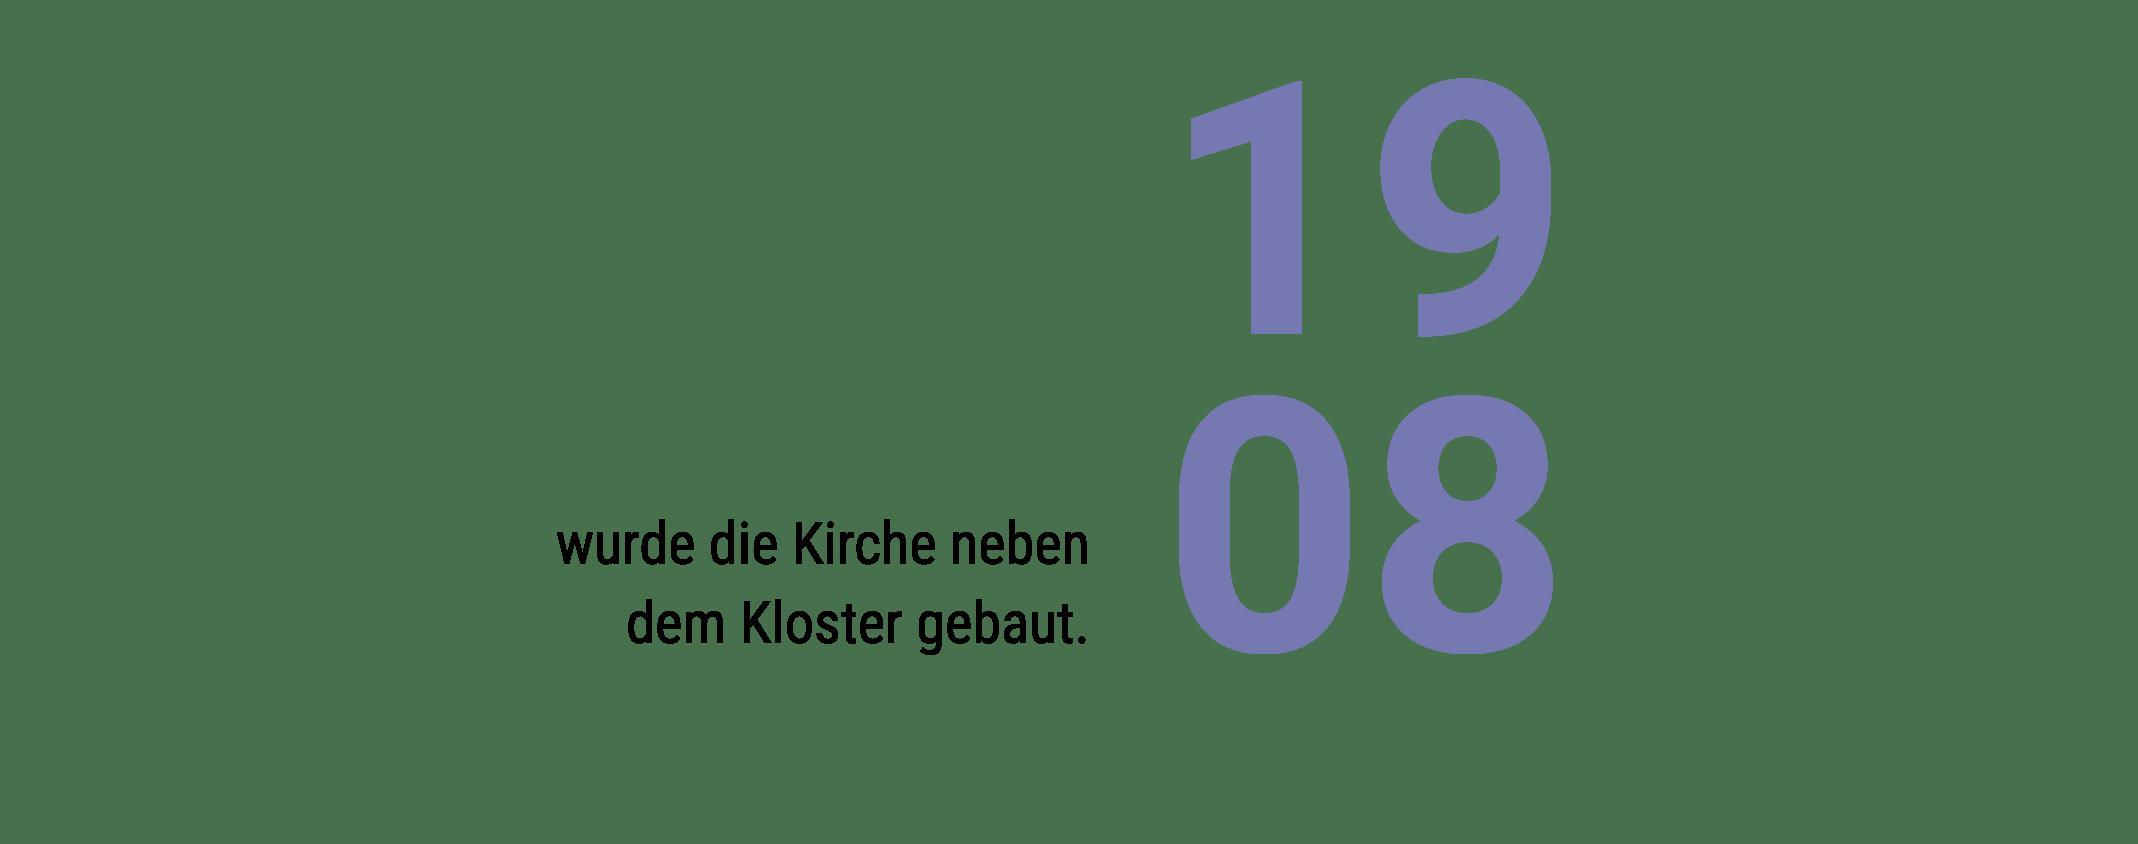 Timeline_Kloster_Eichgraben_Pfade-06